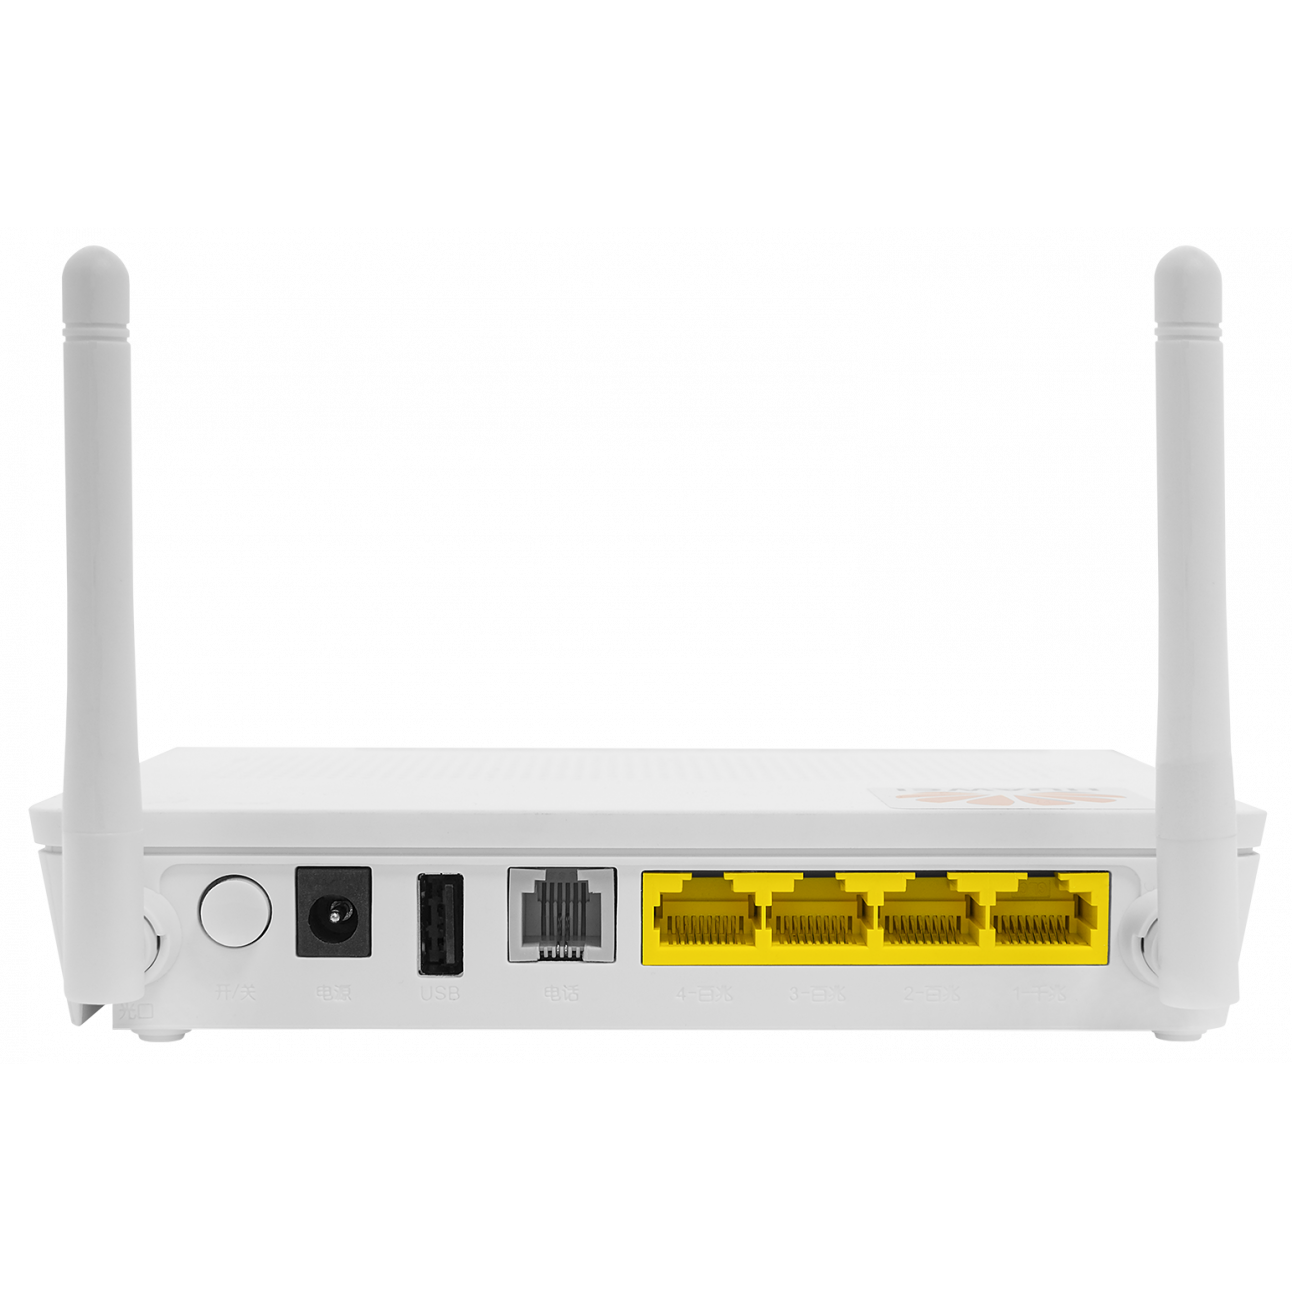 Абонентский терминал HUAWEI ONU GPON, 1 порт 100/1000Base-T,  3 порта 10/100Base-T, 1 порт POTS, WiFi, USB